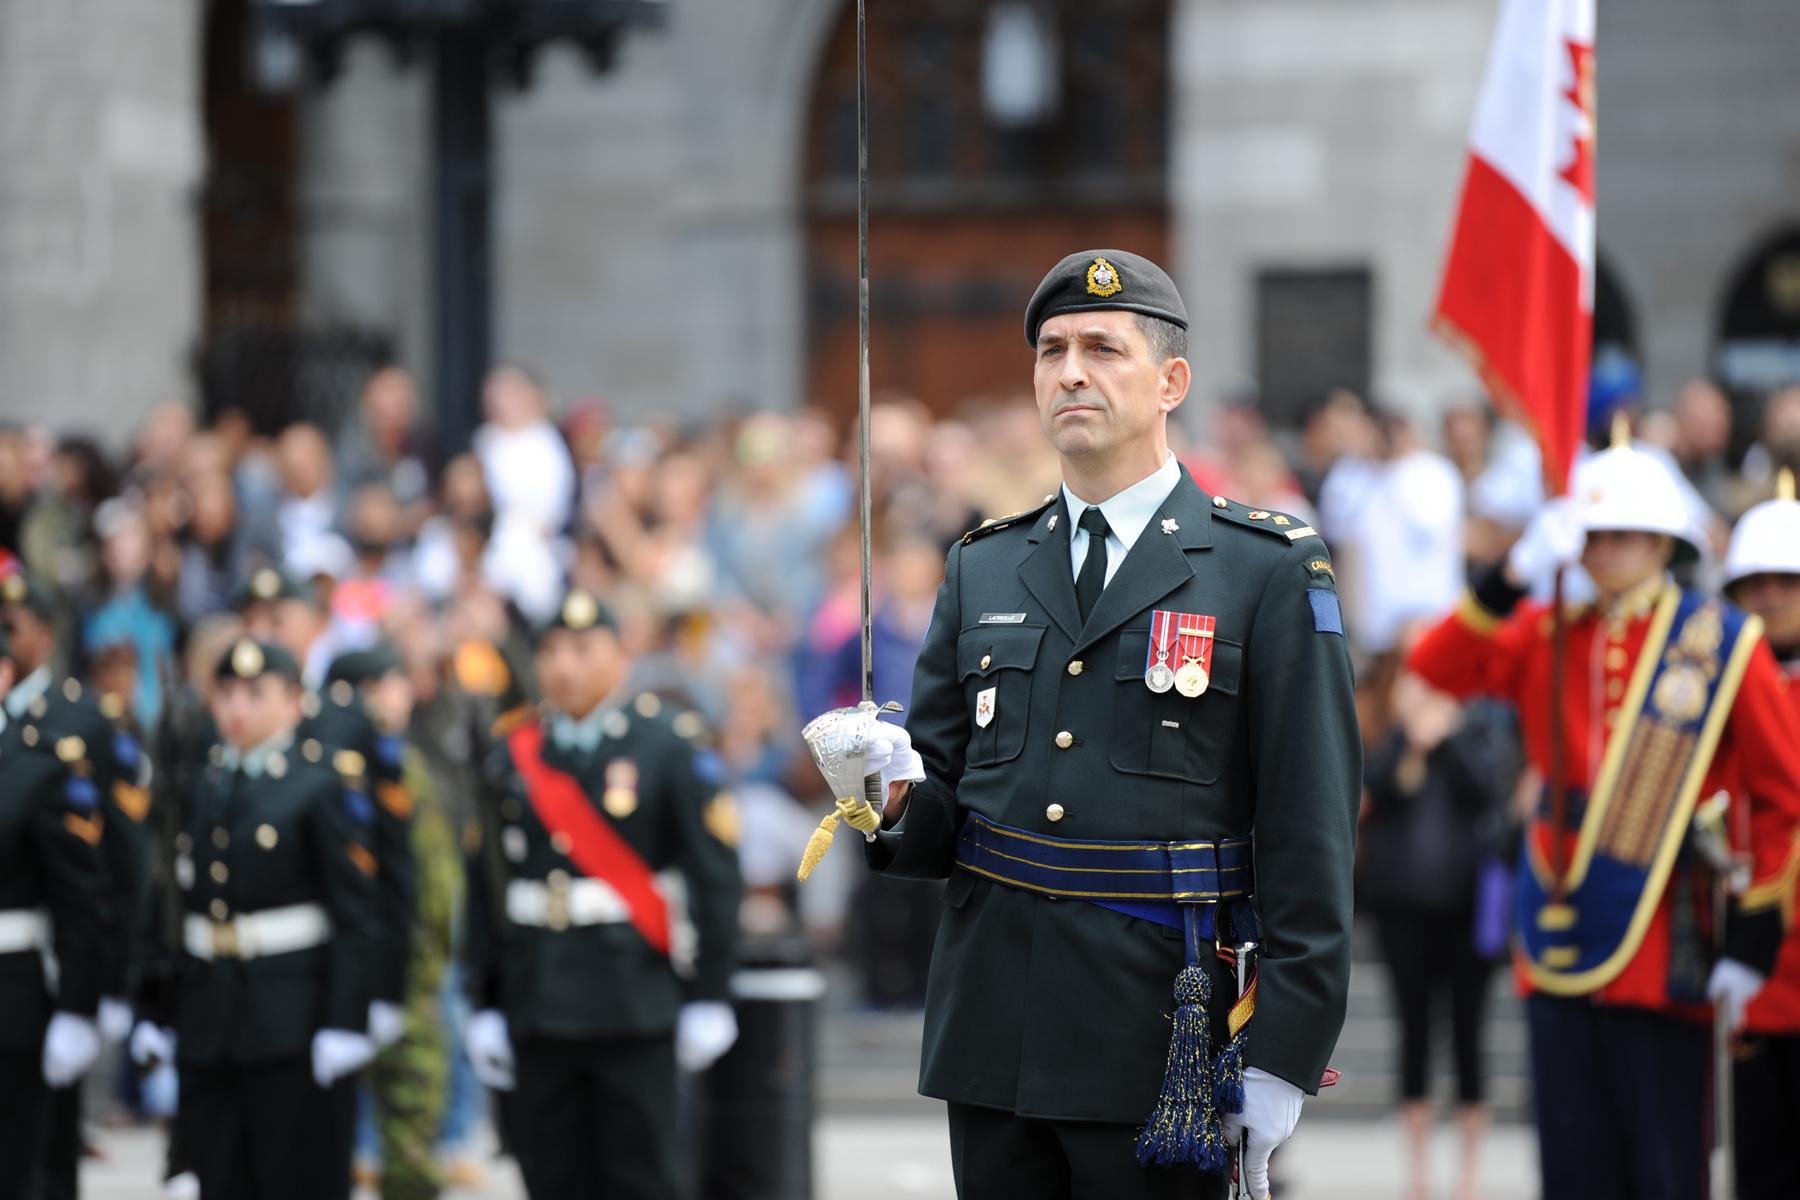 Cérémonie haute en couleur sur la Place d'armes à Montréal